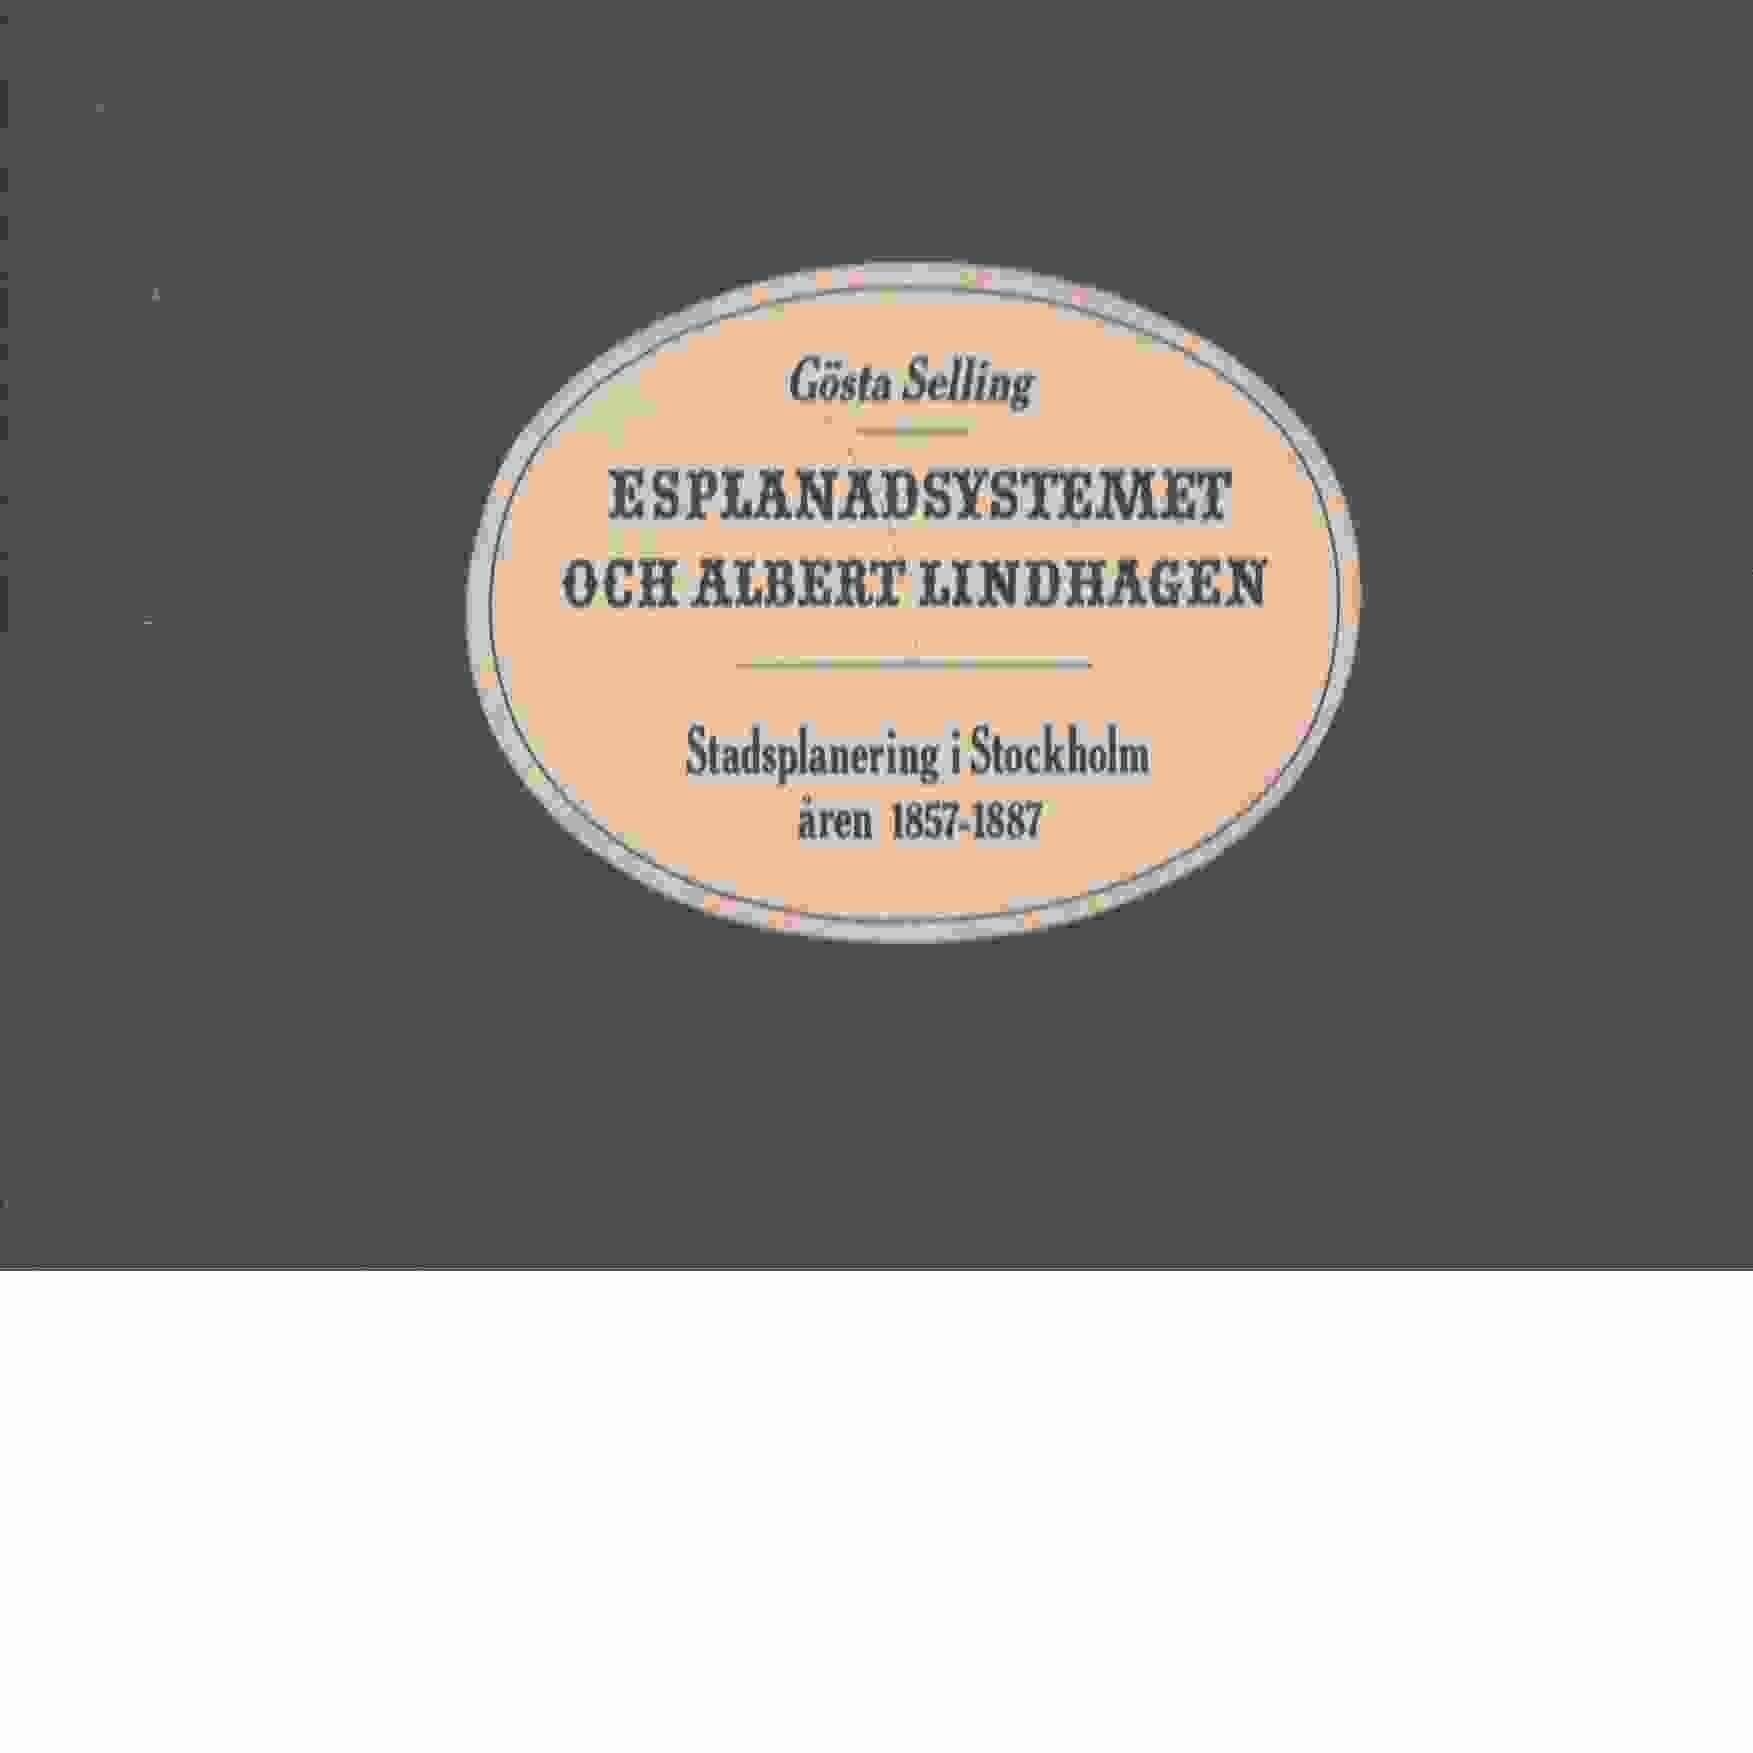 Esplanadsystemet och Albert Lindhagen : stadsplanering i Stockholm åren 1857-1887 - Selling, Gösta